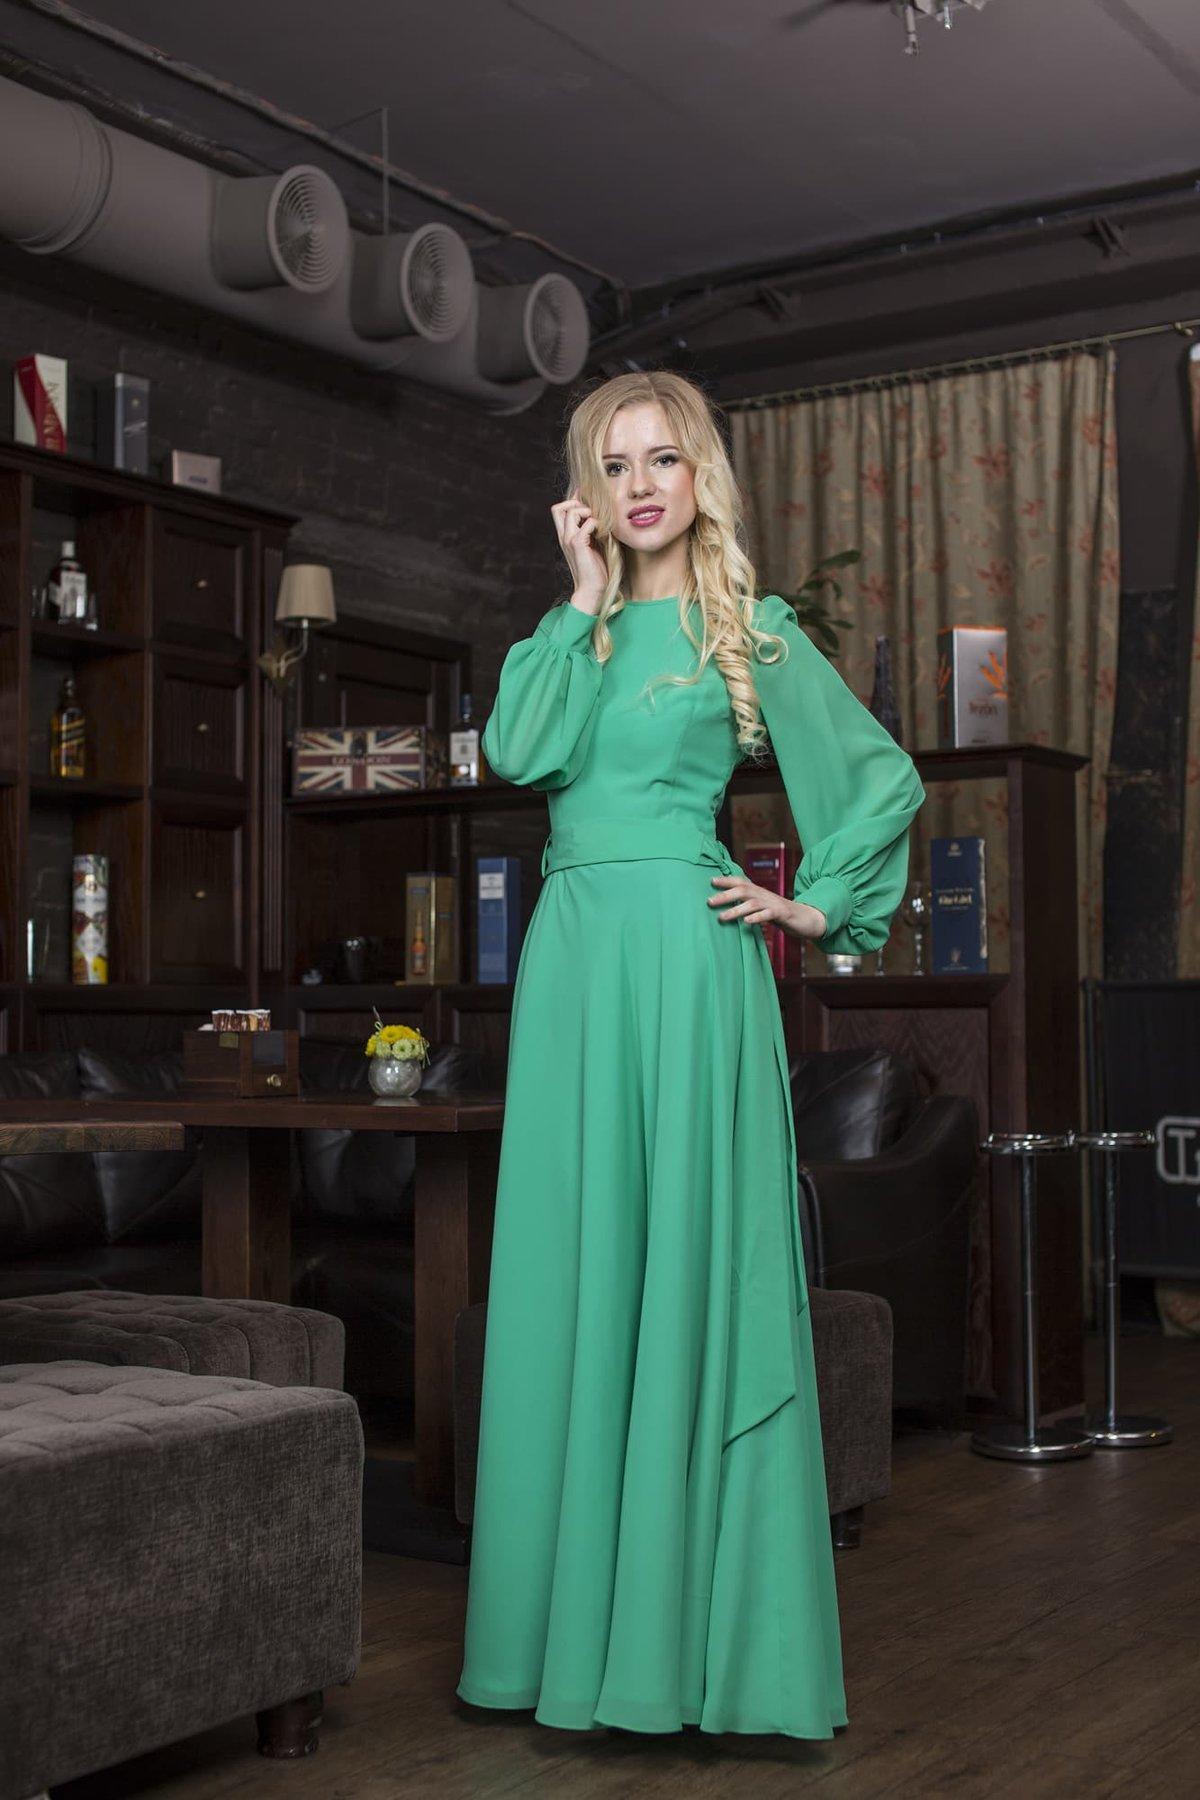 a98c9b2dc96 Закрытое вечернее платье с широким поясом и длинными рукавами с манжетами.